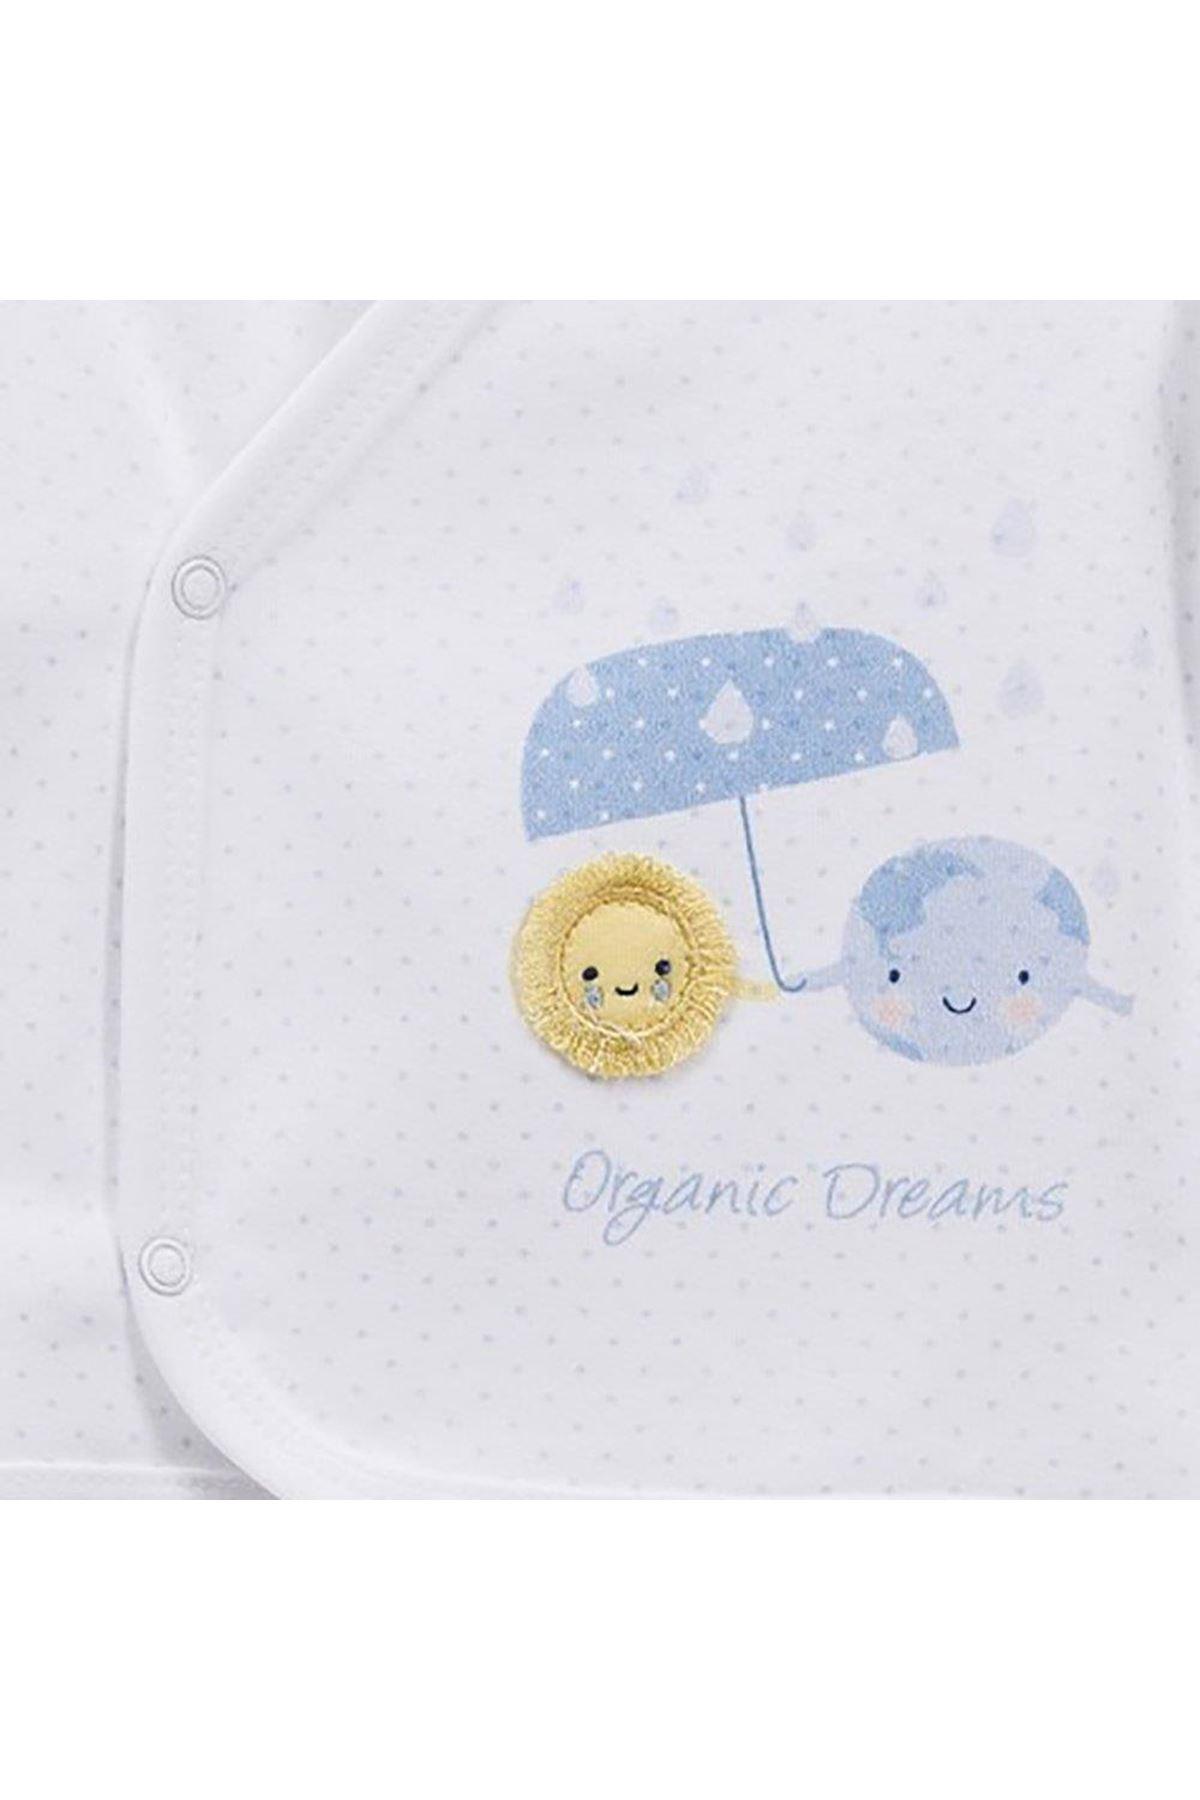 KitiKate Organik Dreams 5 Parça Zıbın Seti Hastane Çıkışı 15942 Mavi